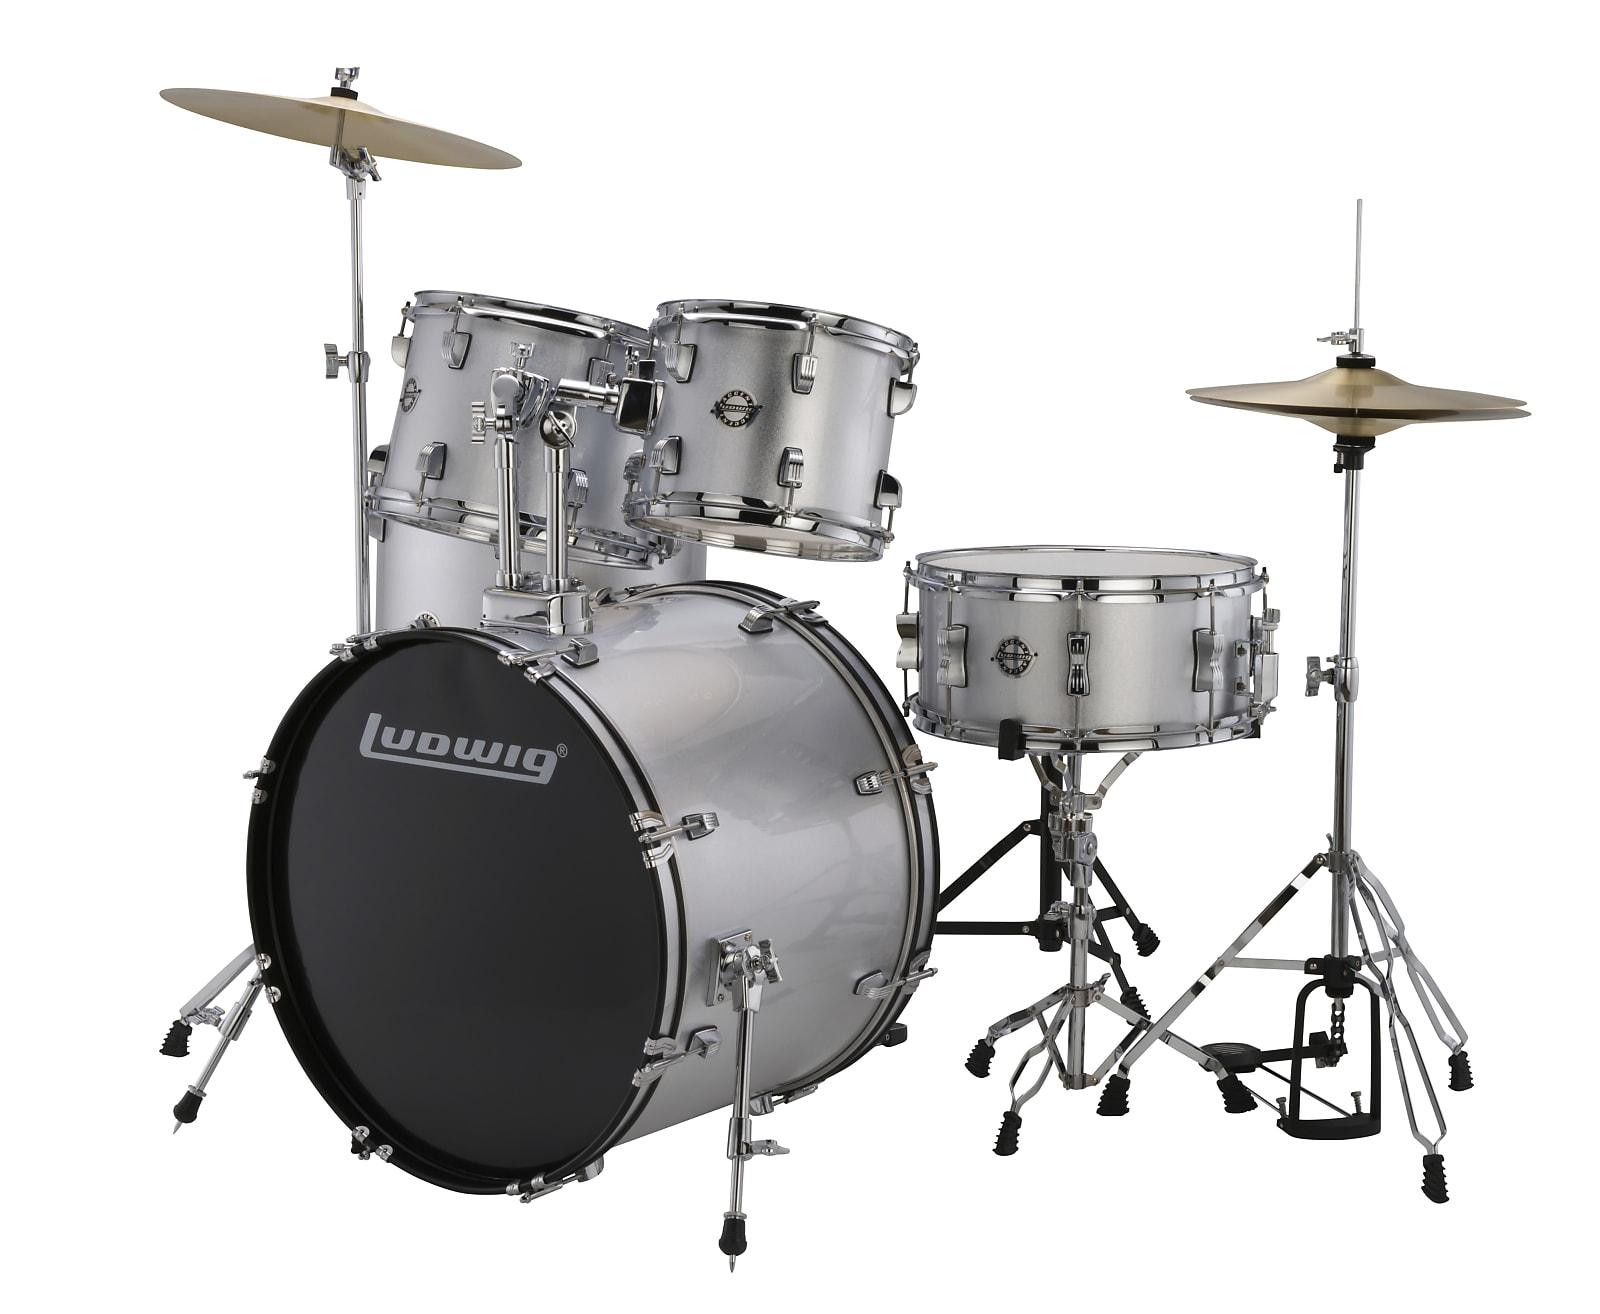 Ludwig P41 Standard Drum Key